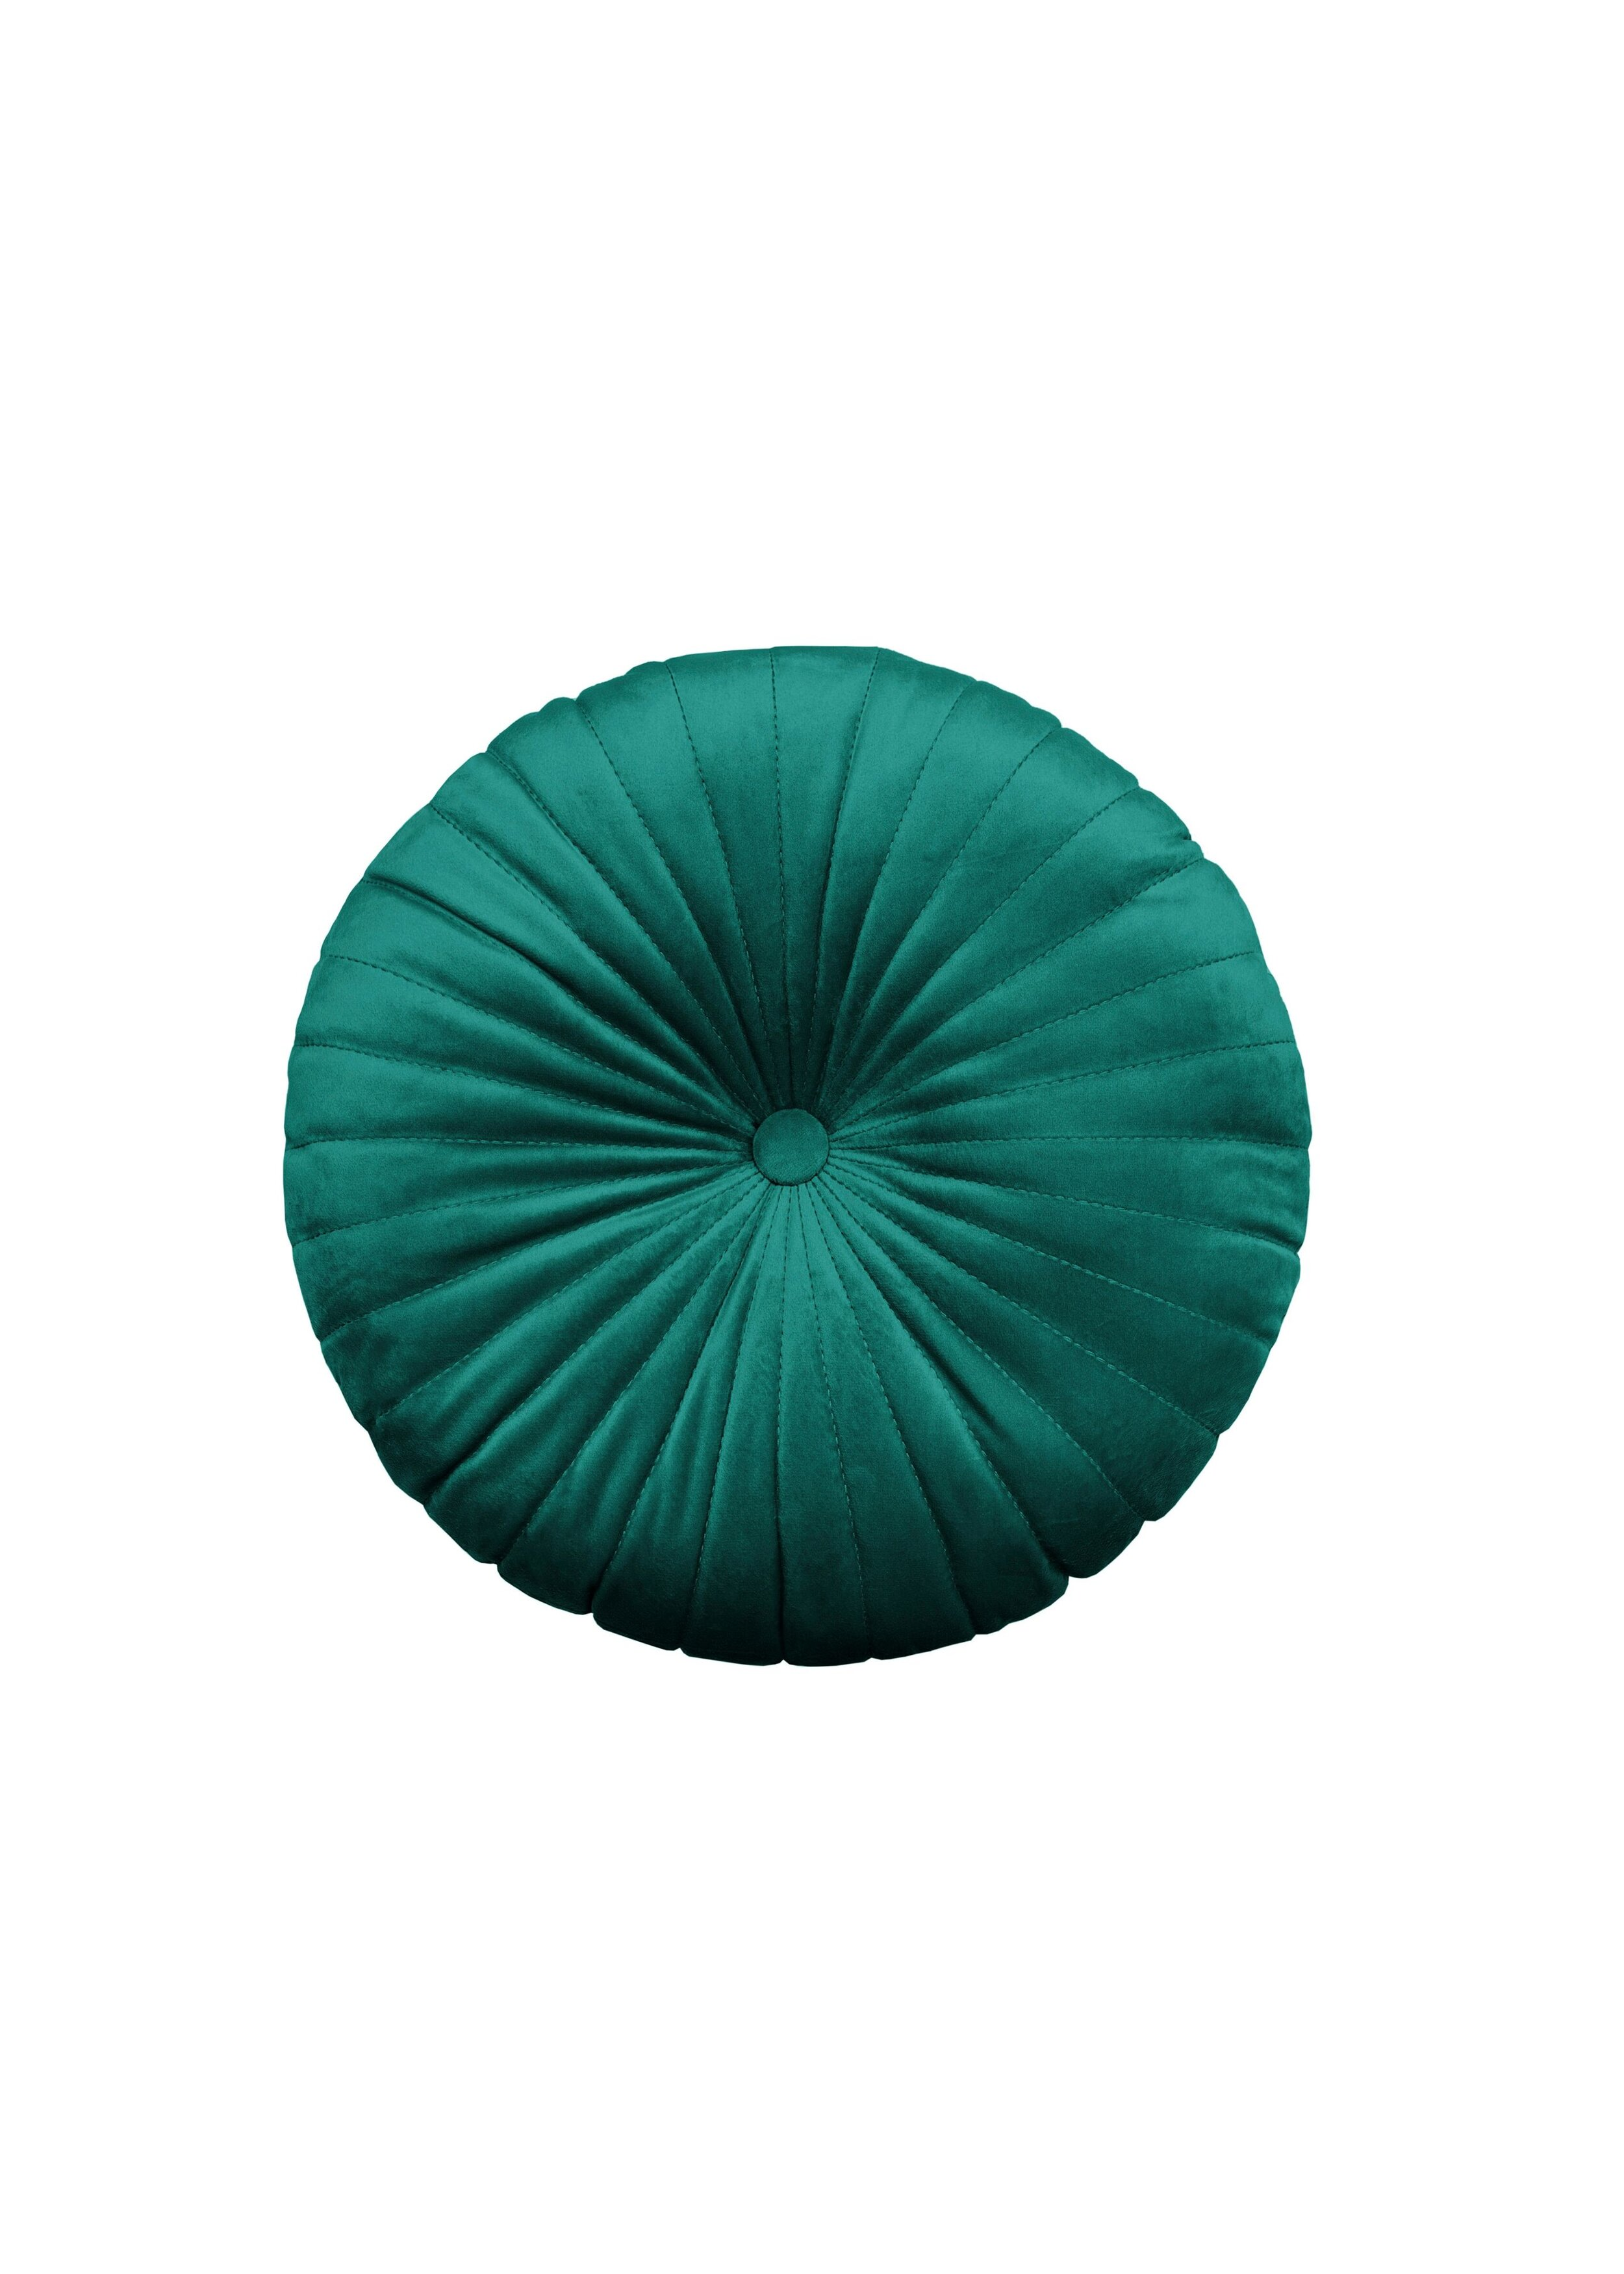 green velvet round pillow allaire rentals